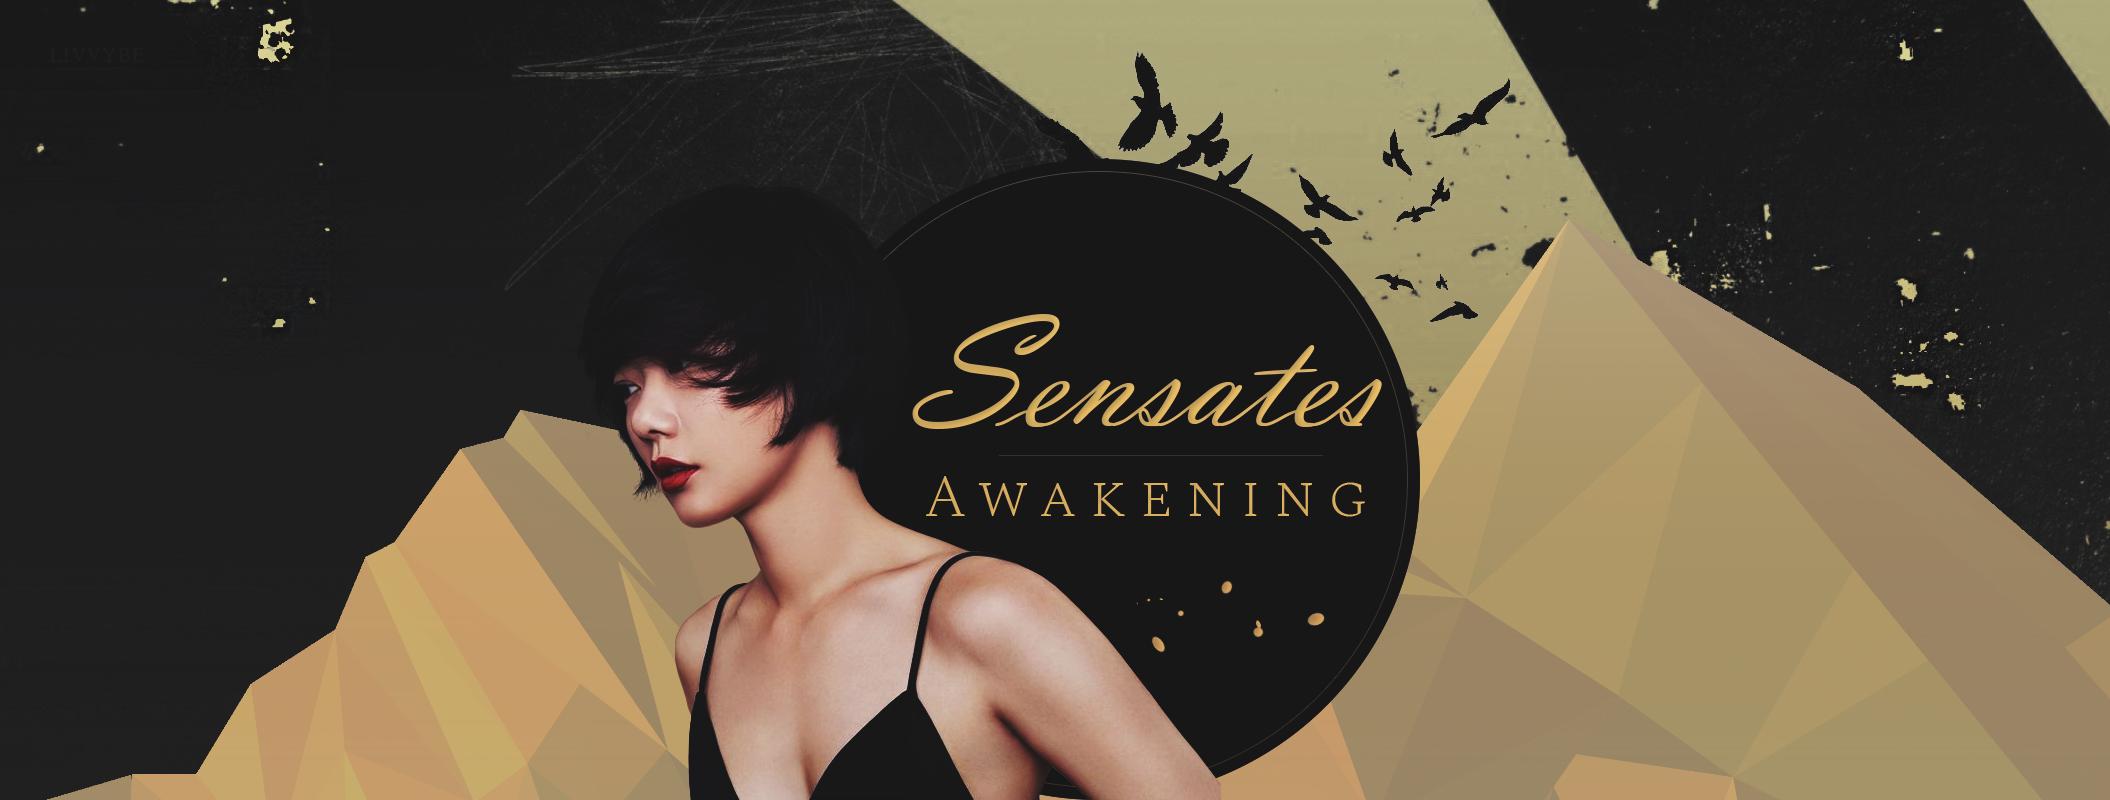 Sensates Awakening Forum RPG